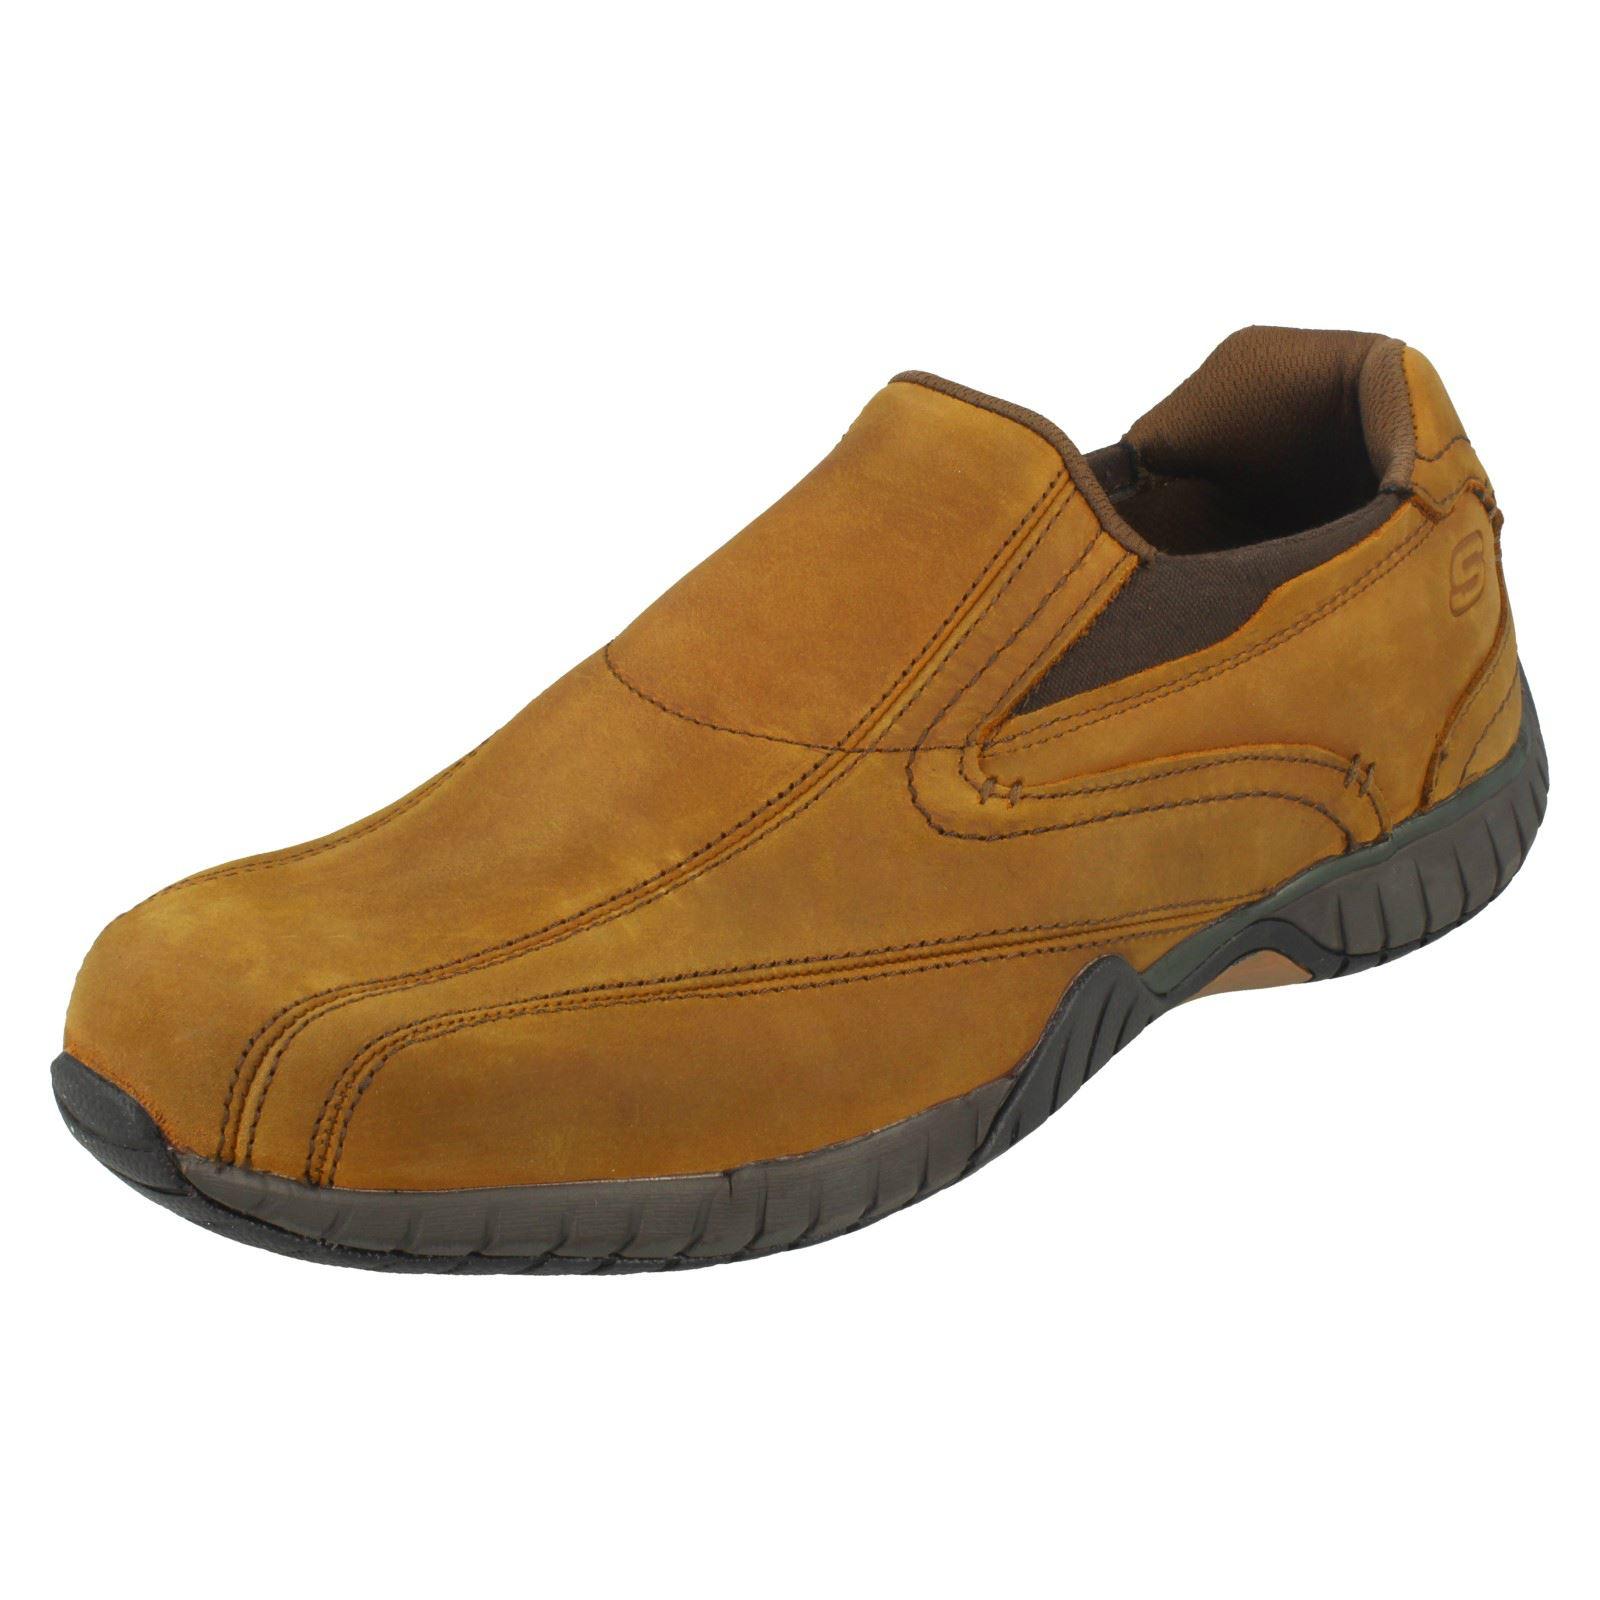 Uomo Skechers Casual Bascom Schuhes Sendro - Bascom Casual 65287 0fca3d